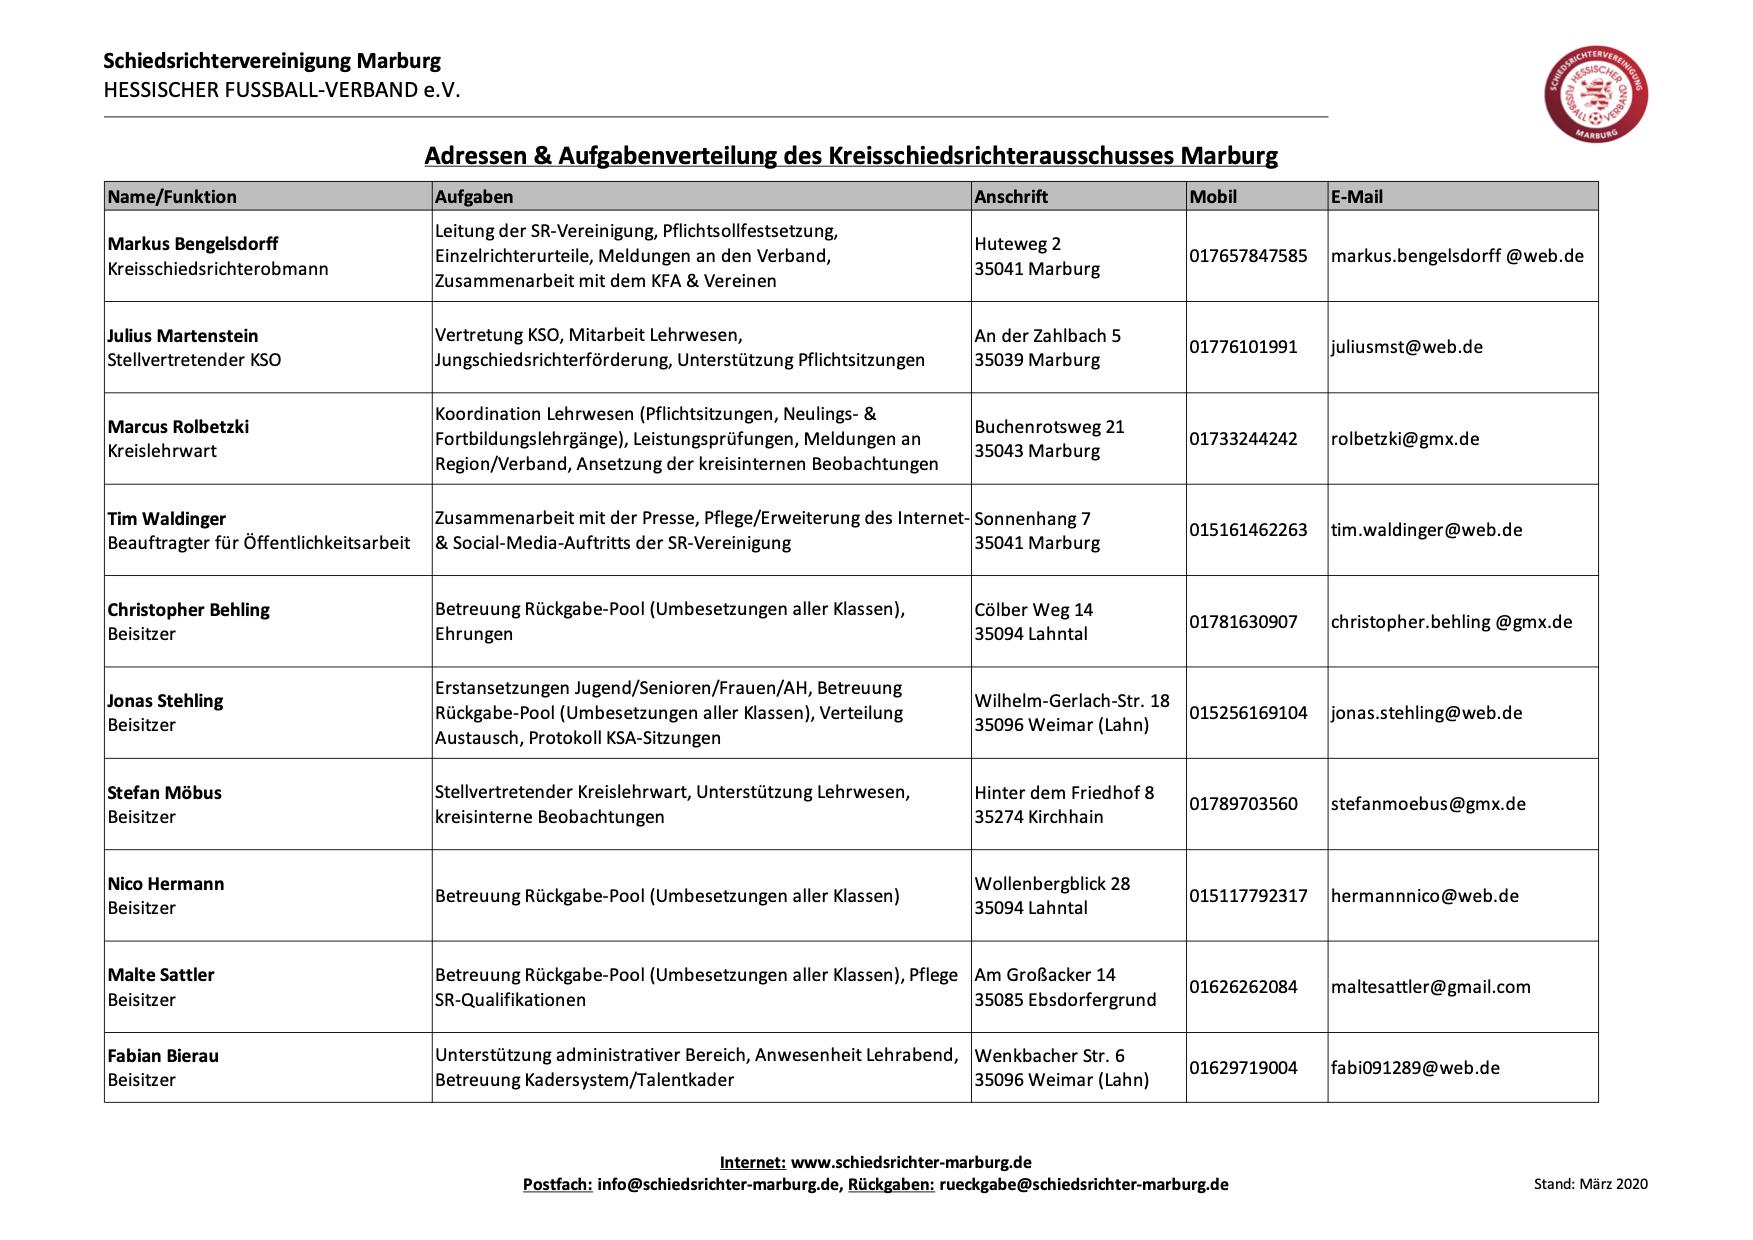 Aufgabenverteilung_KSA_03_2020